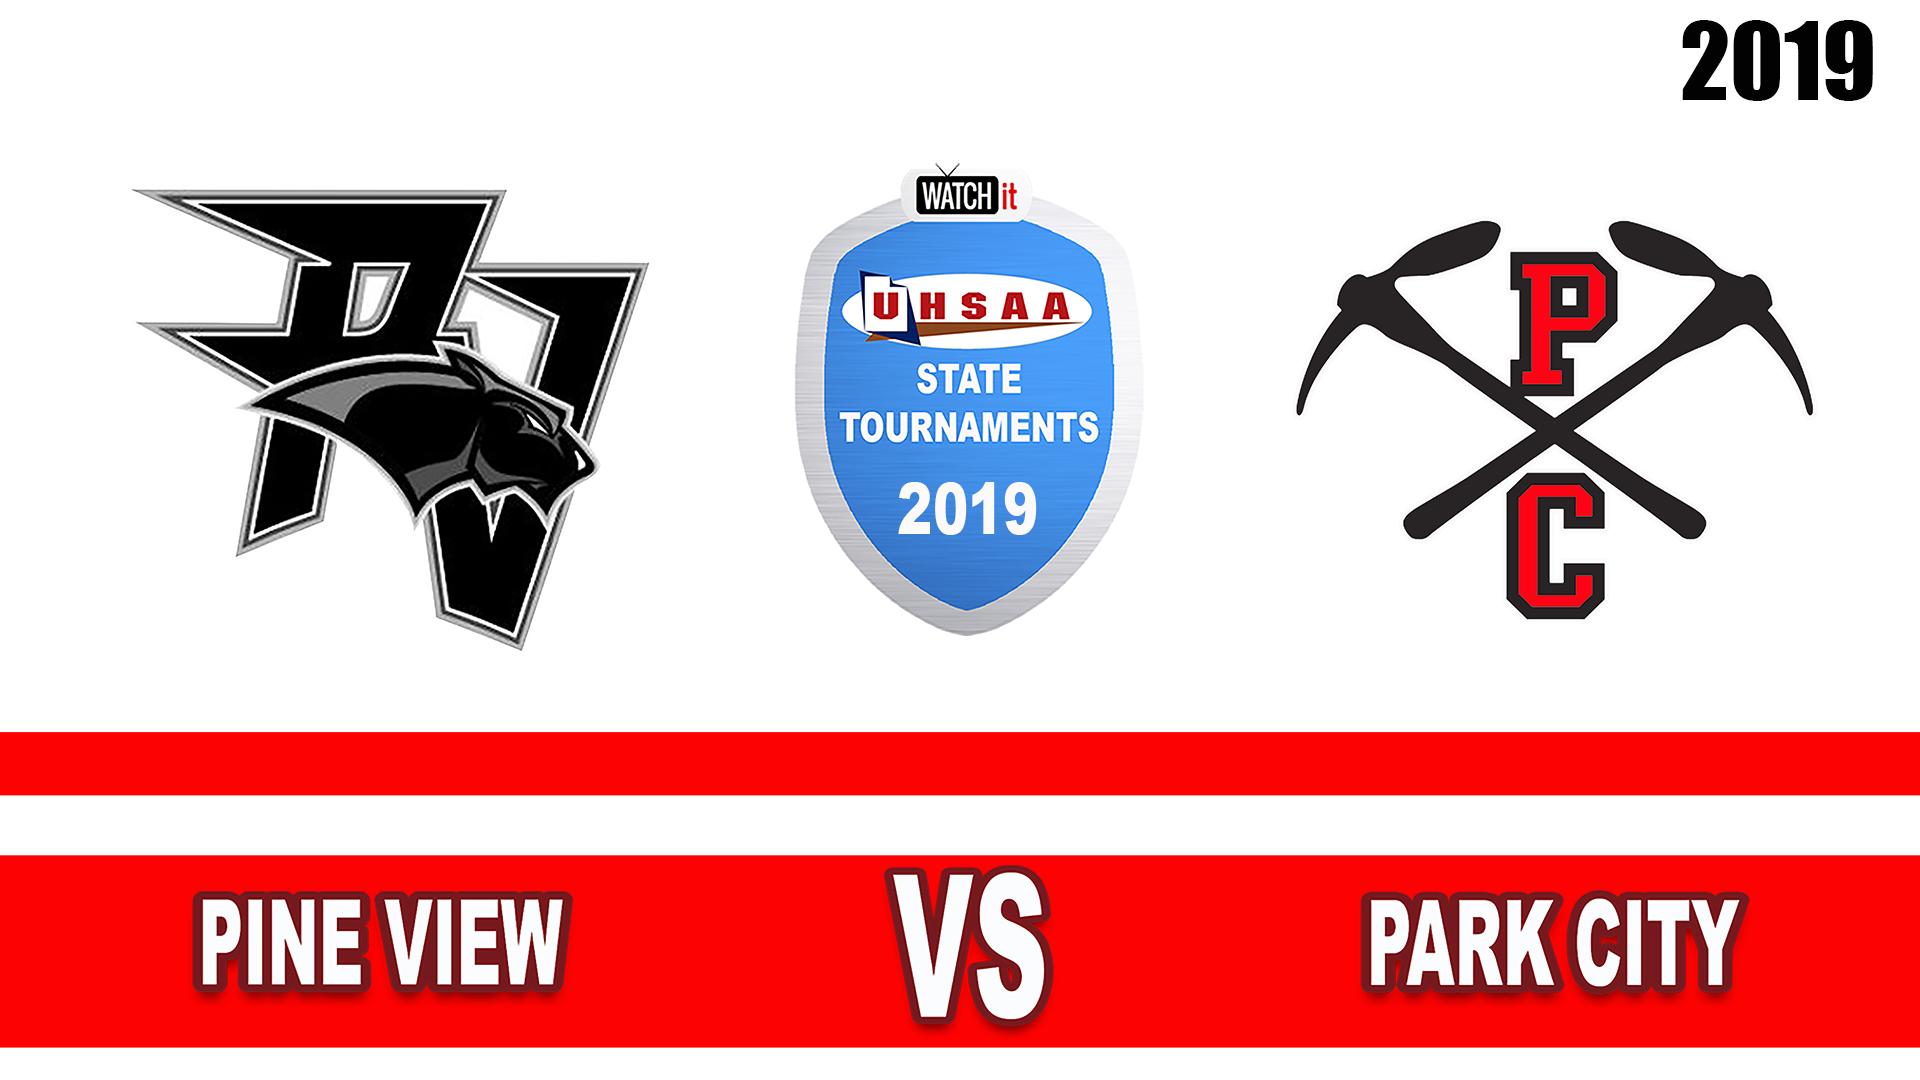 Pine View vs Park City